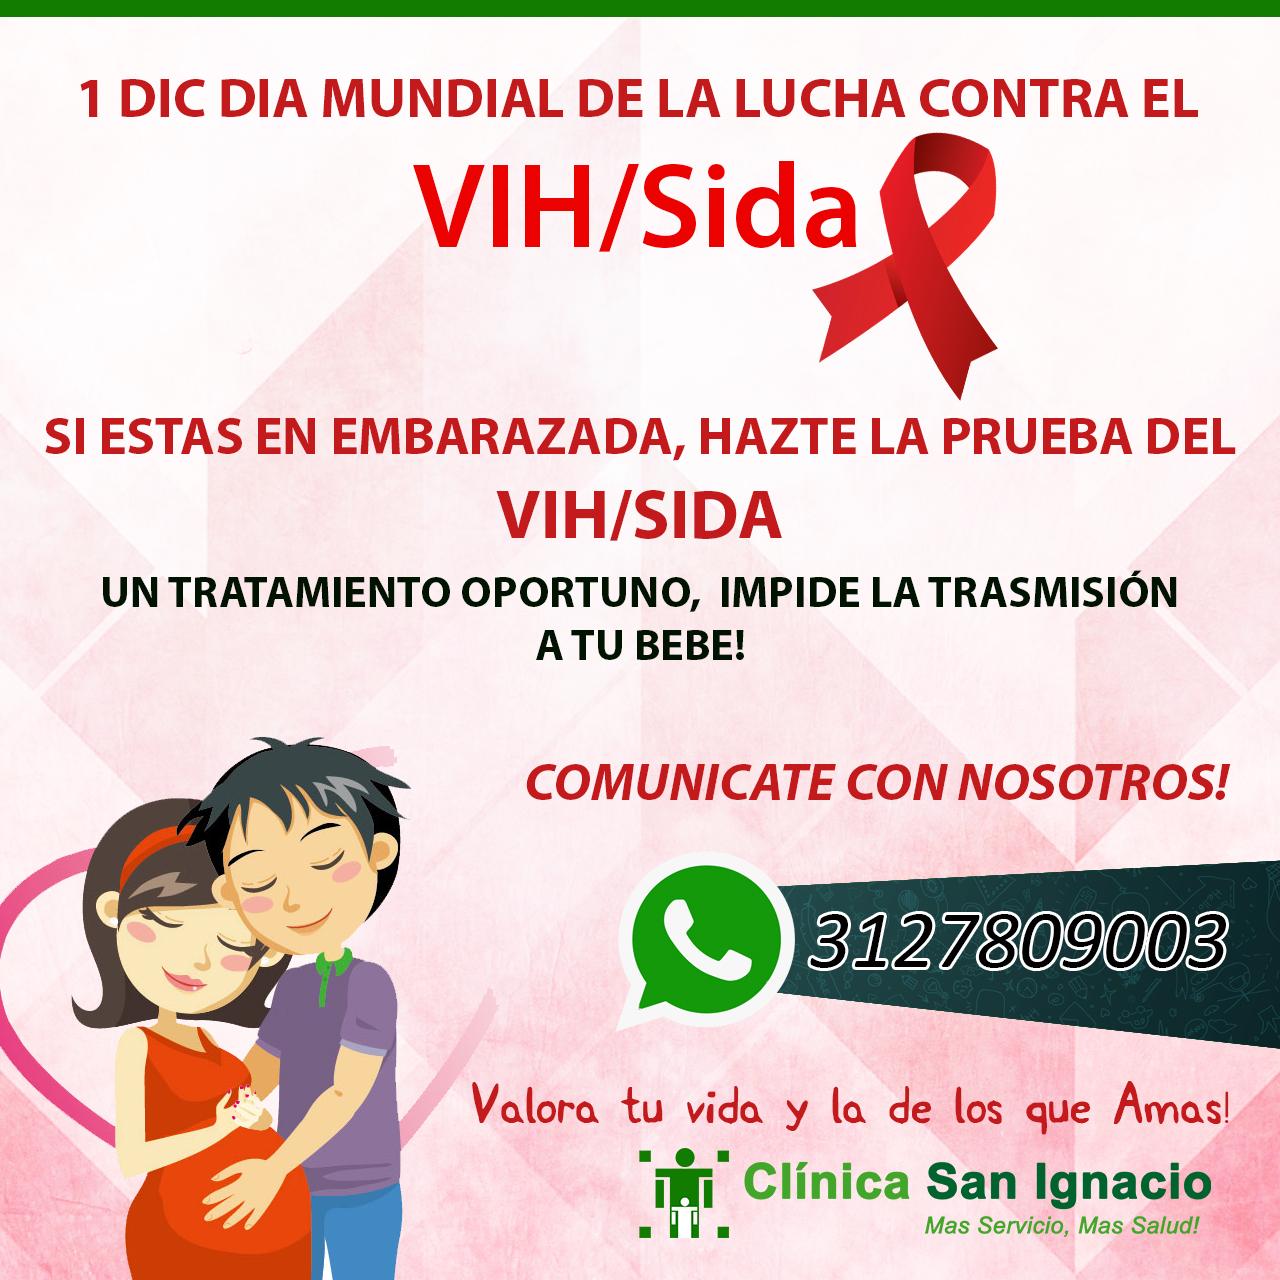 Dia Internacional de la lucha contra el VIH/SIDA